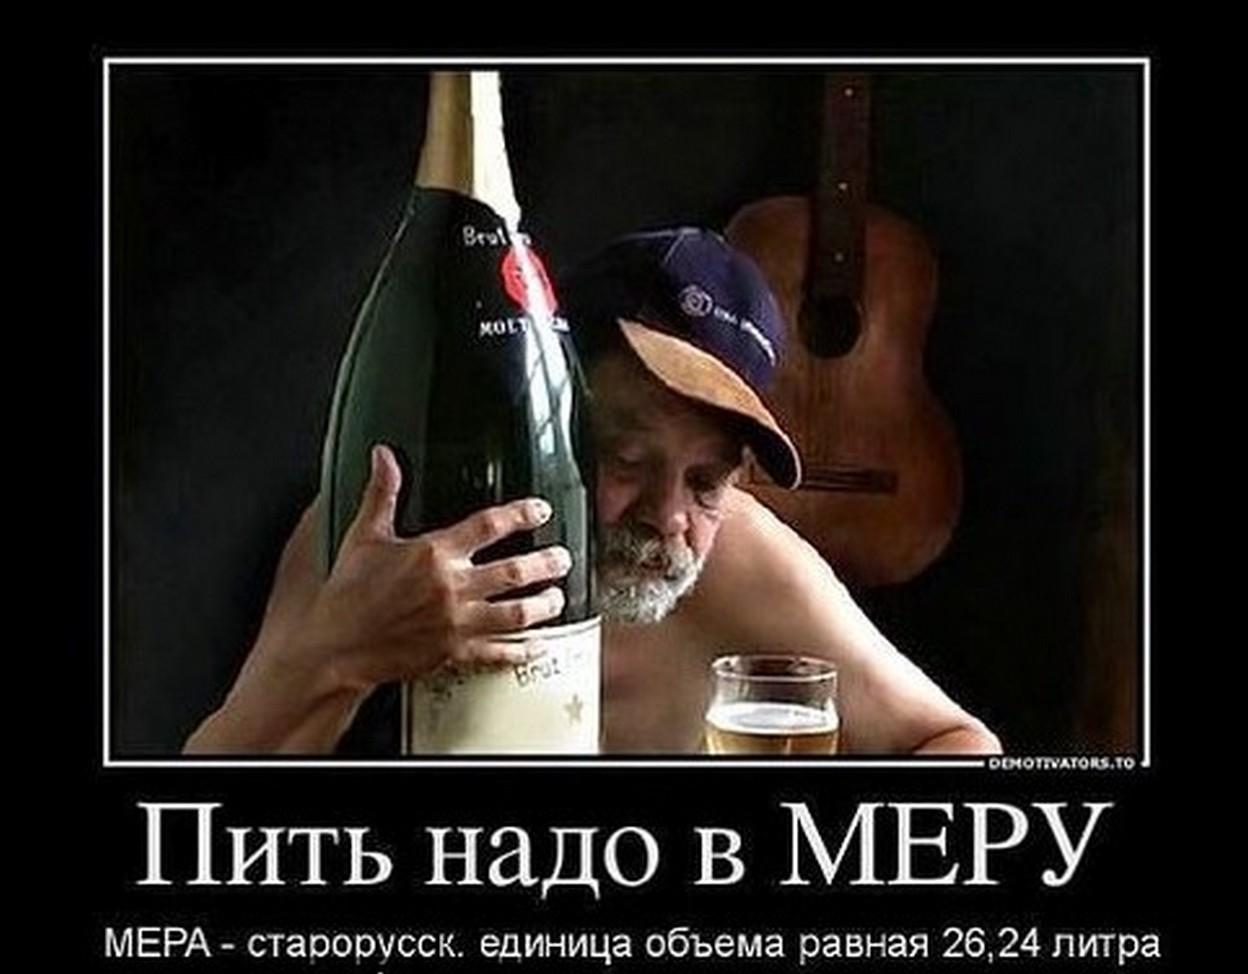 Демотиваторы тему алкоголь